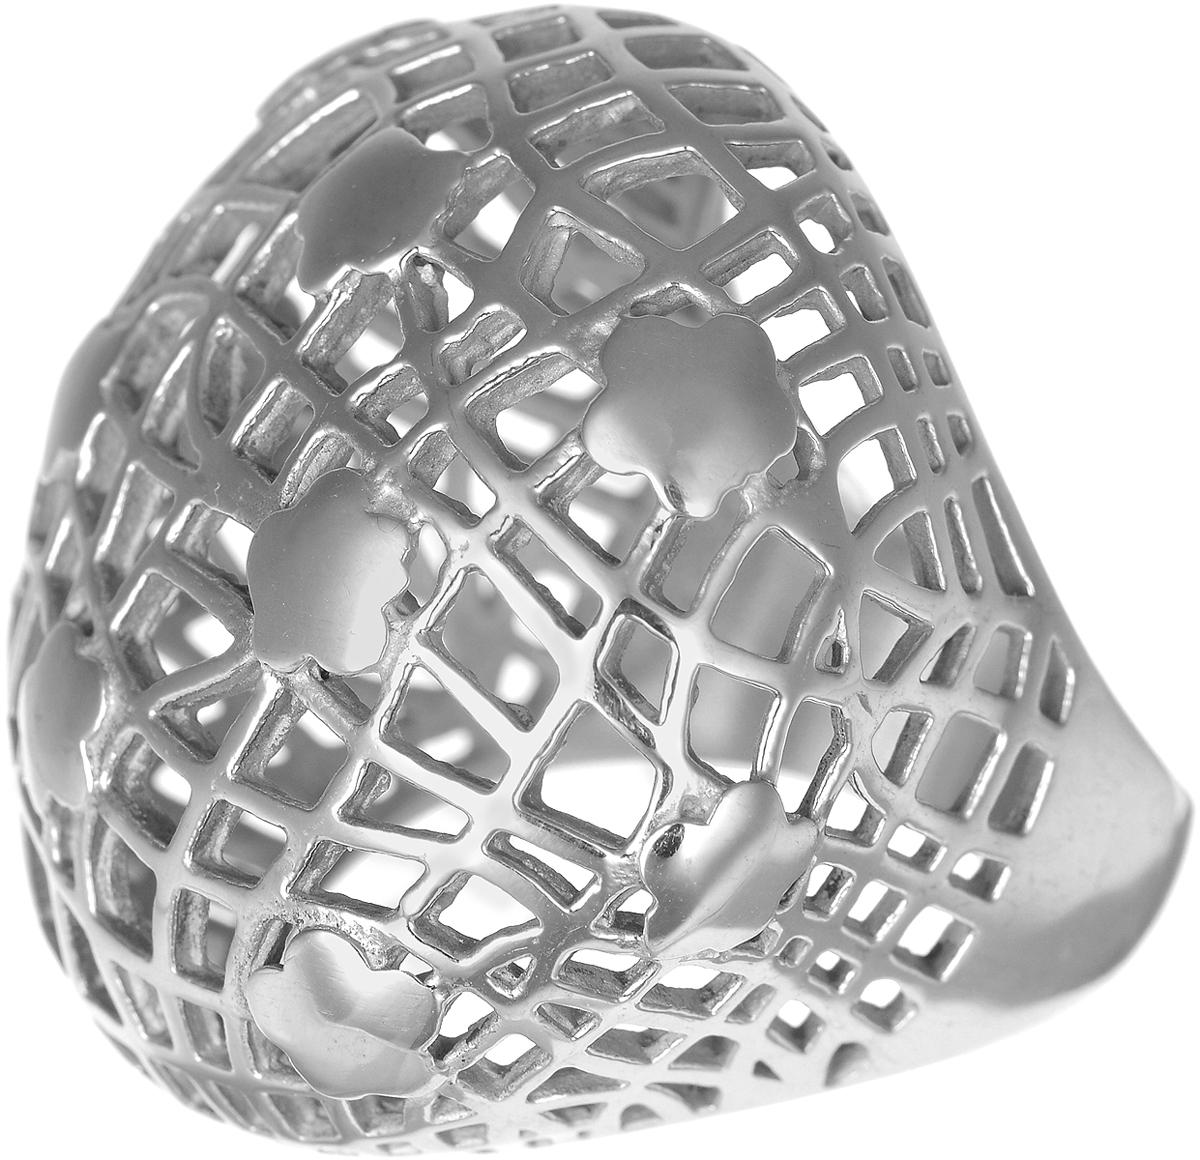 Кольцо Polina Selezneva, цвет: серебристый. DG-0001. Размер 18Коктейльное кольцоСтильное кольцо Polina Selezneva изготовлено из качественного металлического сплава и выполнено в оригинальном дизайне. Массивное кольцо оформлено резным узором.